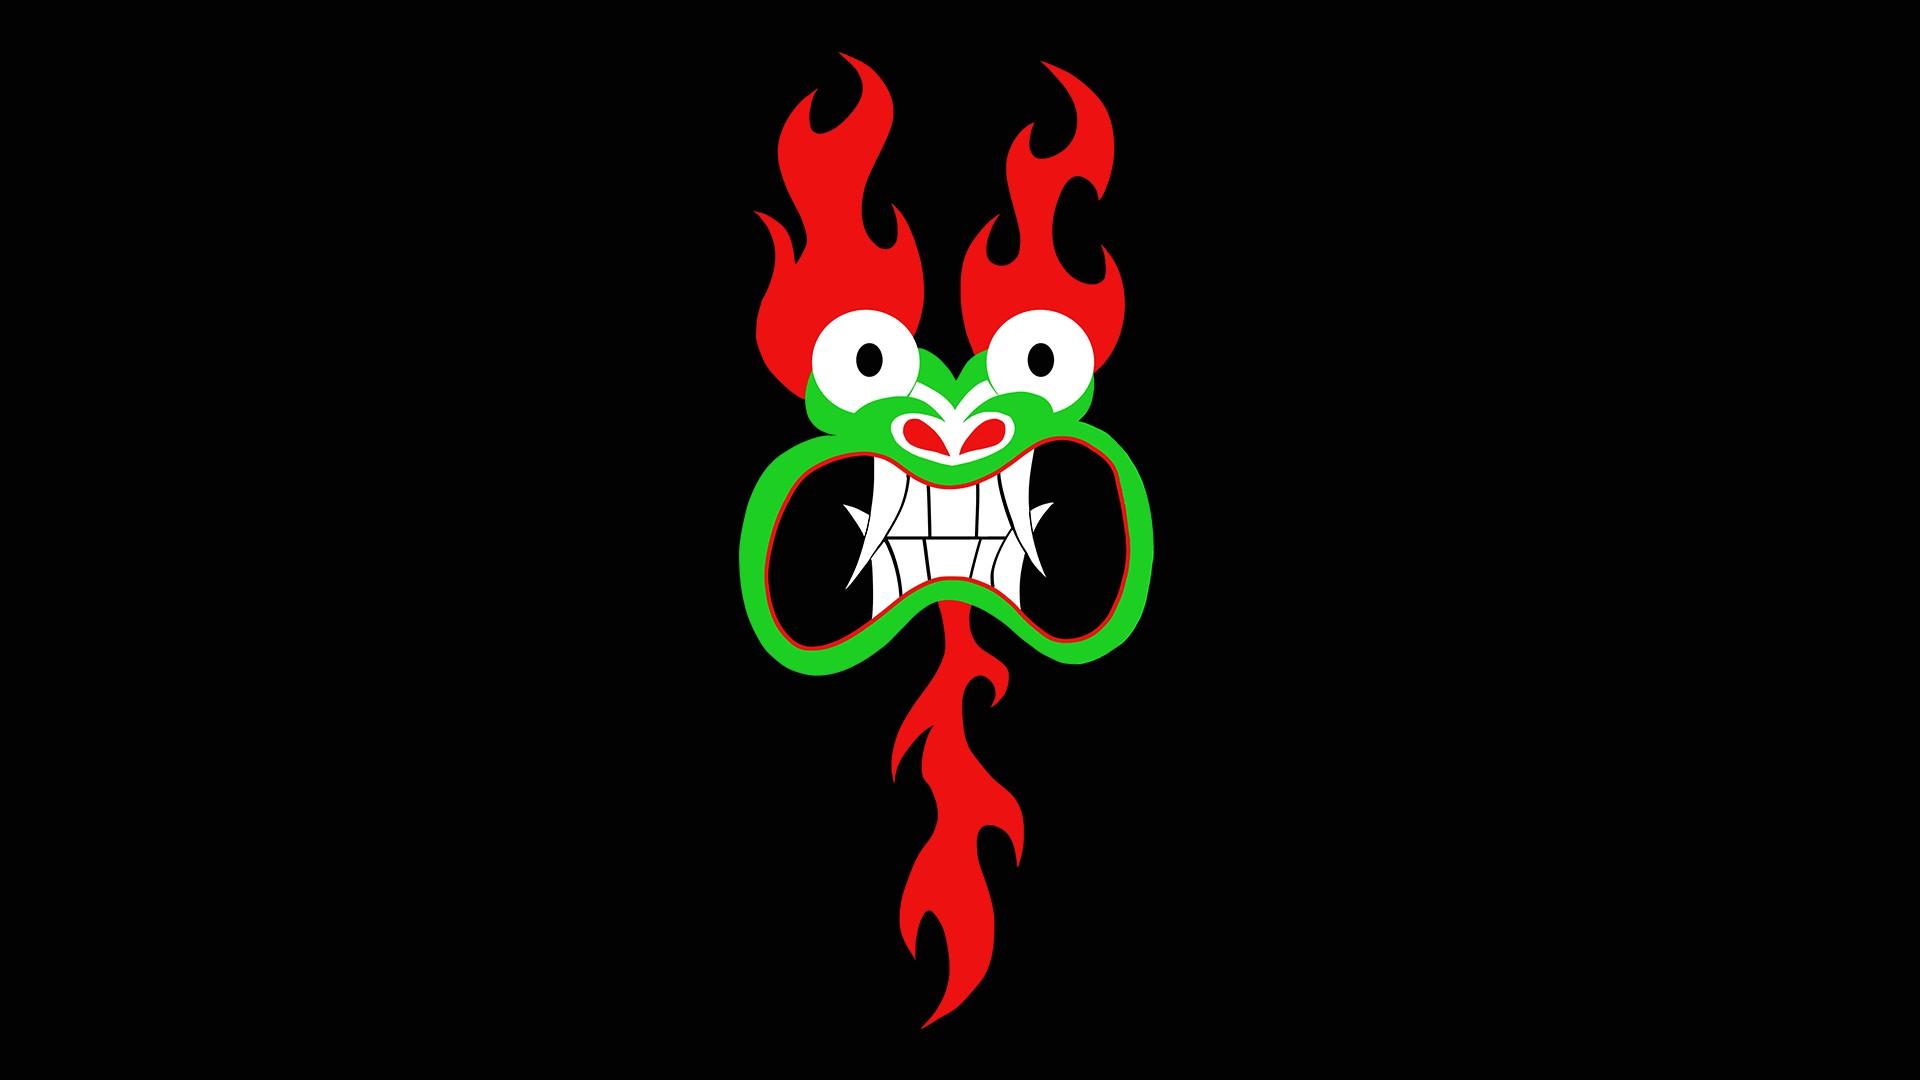 Samurai Jack wallpaper ·① Download free cool High ...